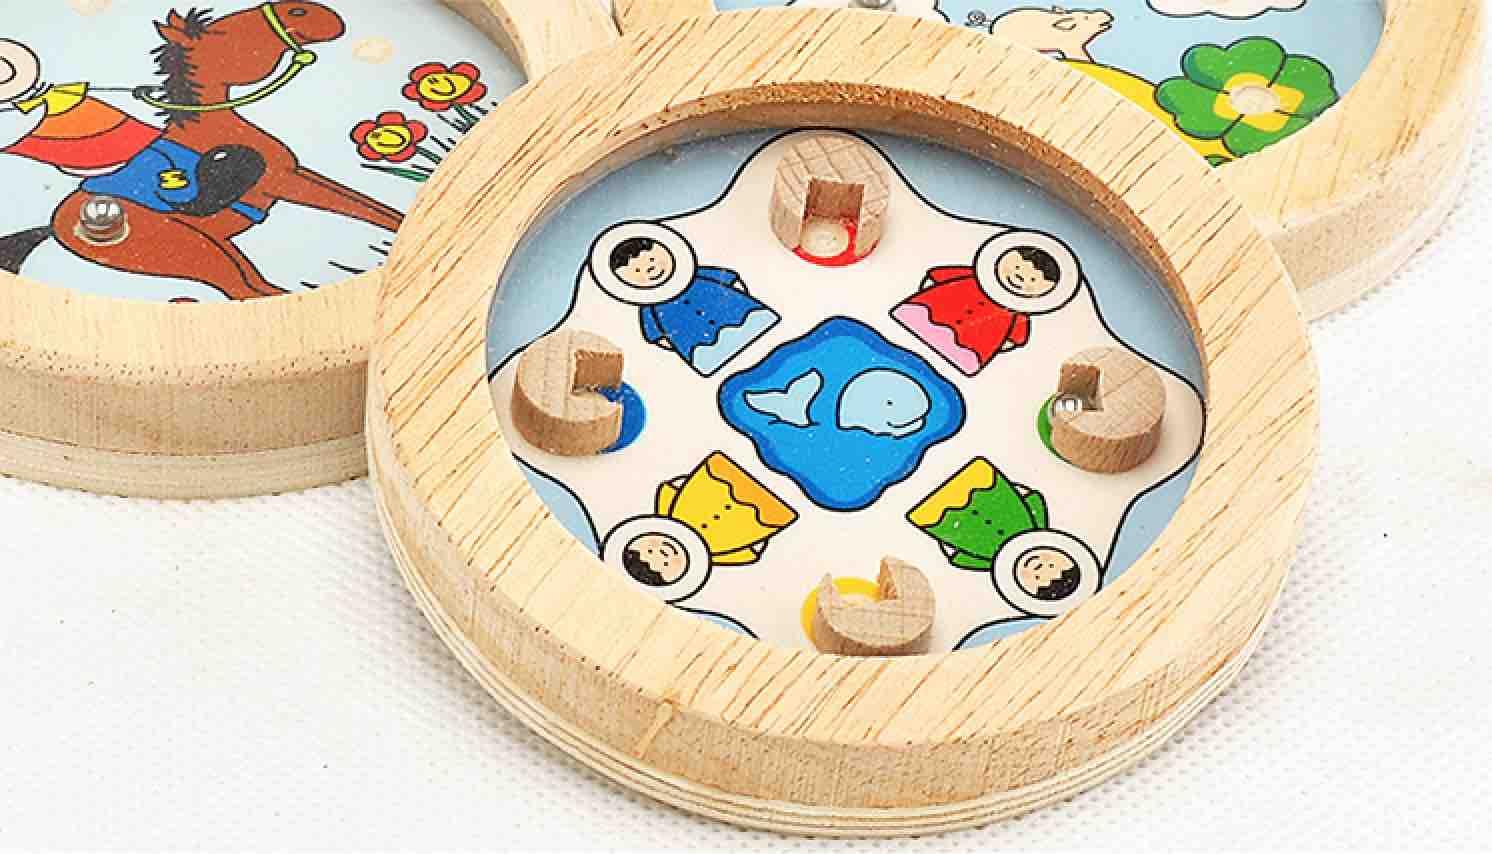 德国传统木玩品牌-掌上圆形卡通 走珠游戏 儿童益智小玩具